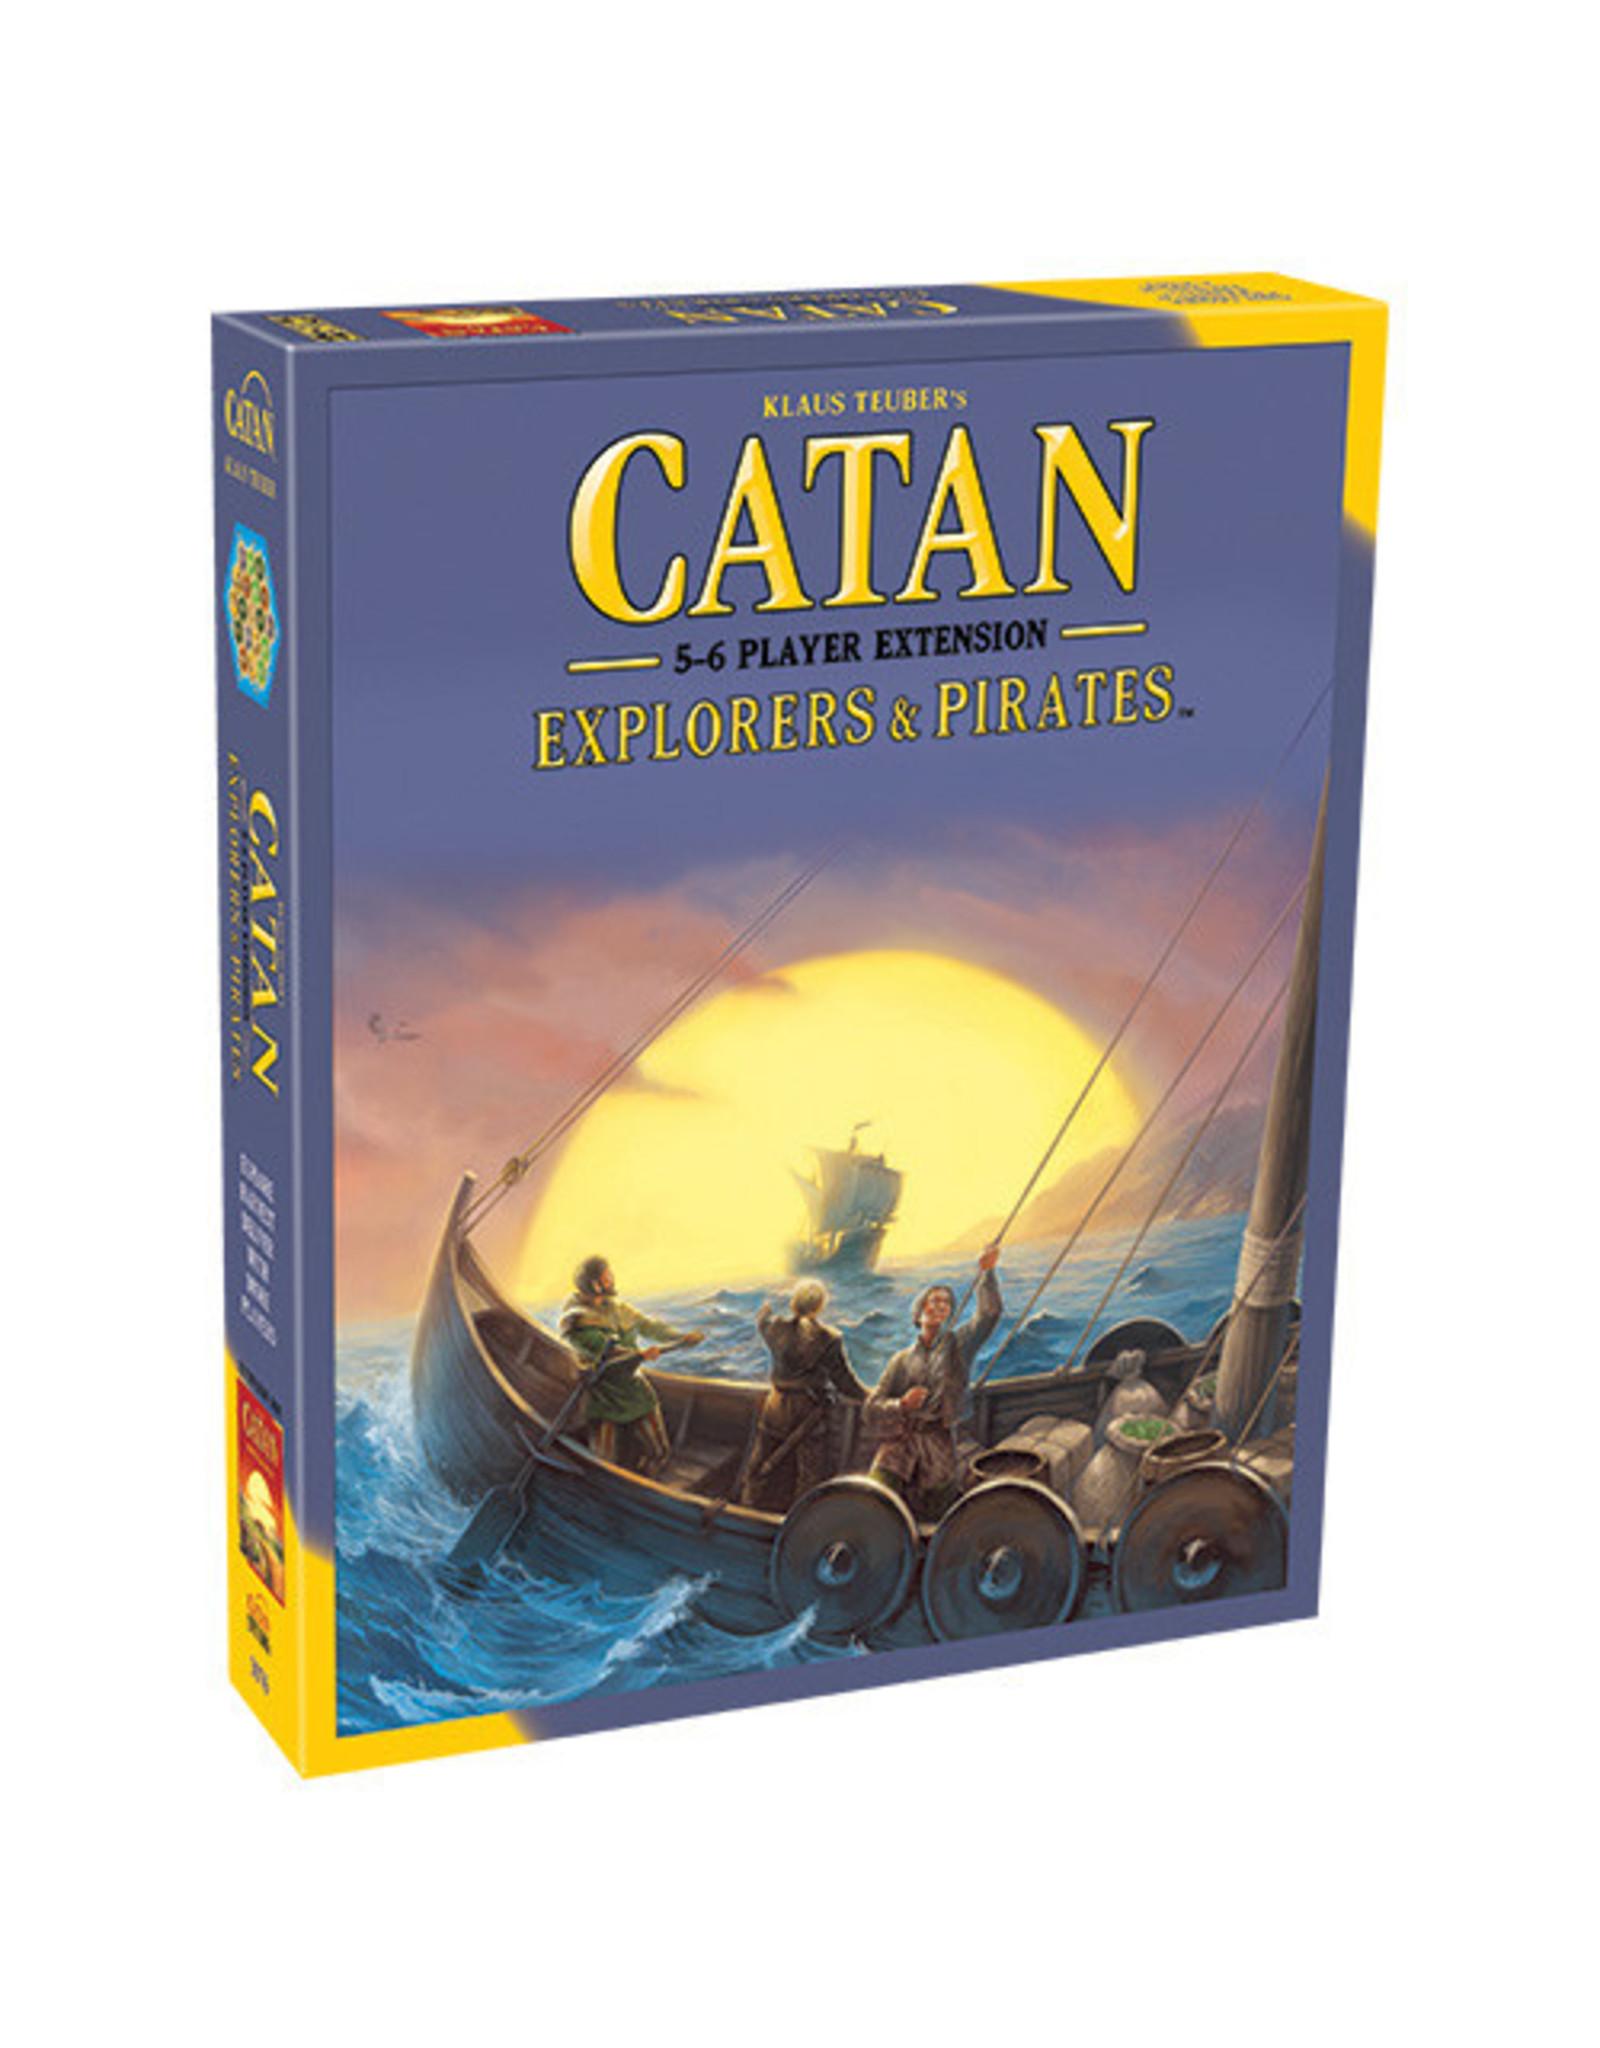 Catan Explorers & Pirates 5/6 Extension